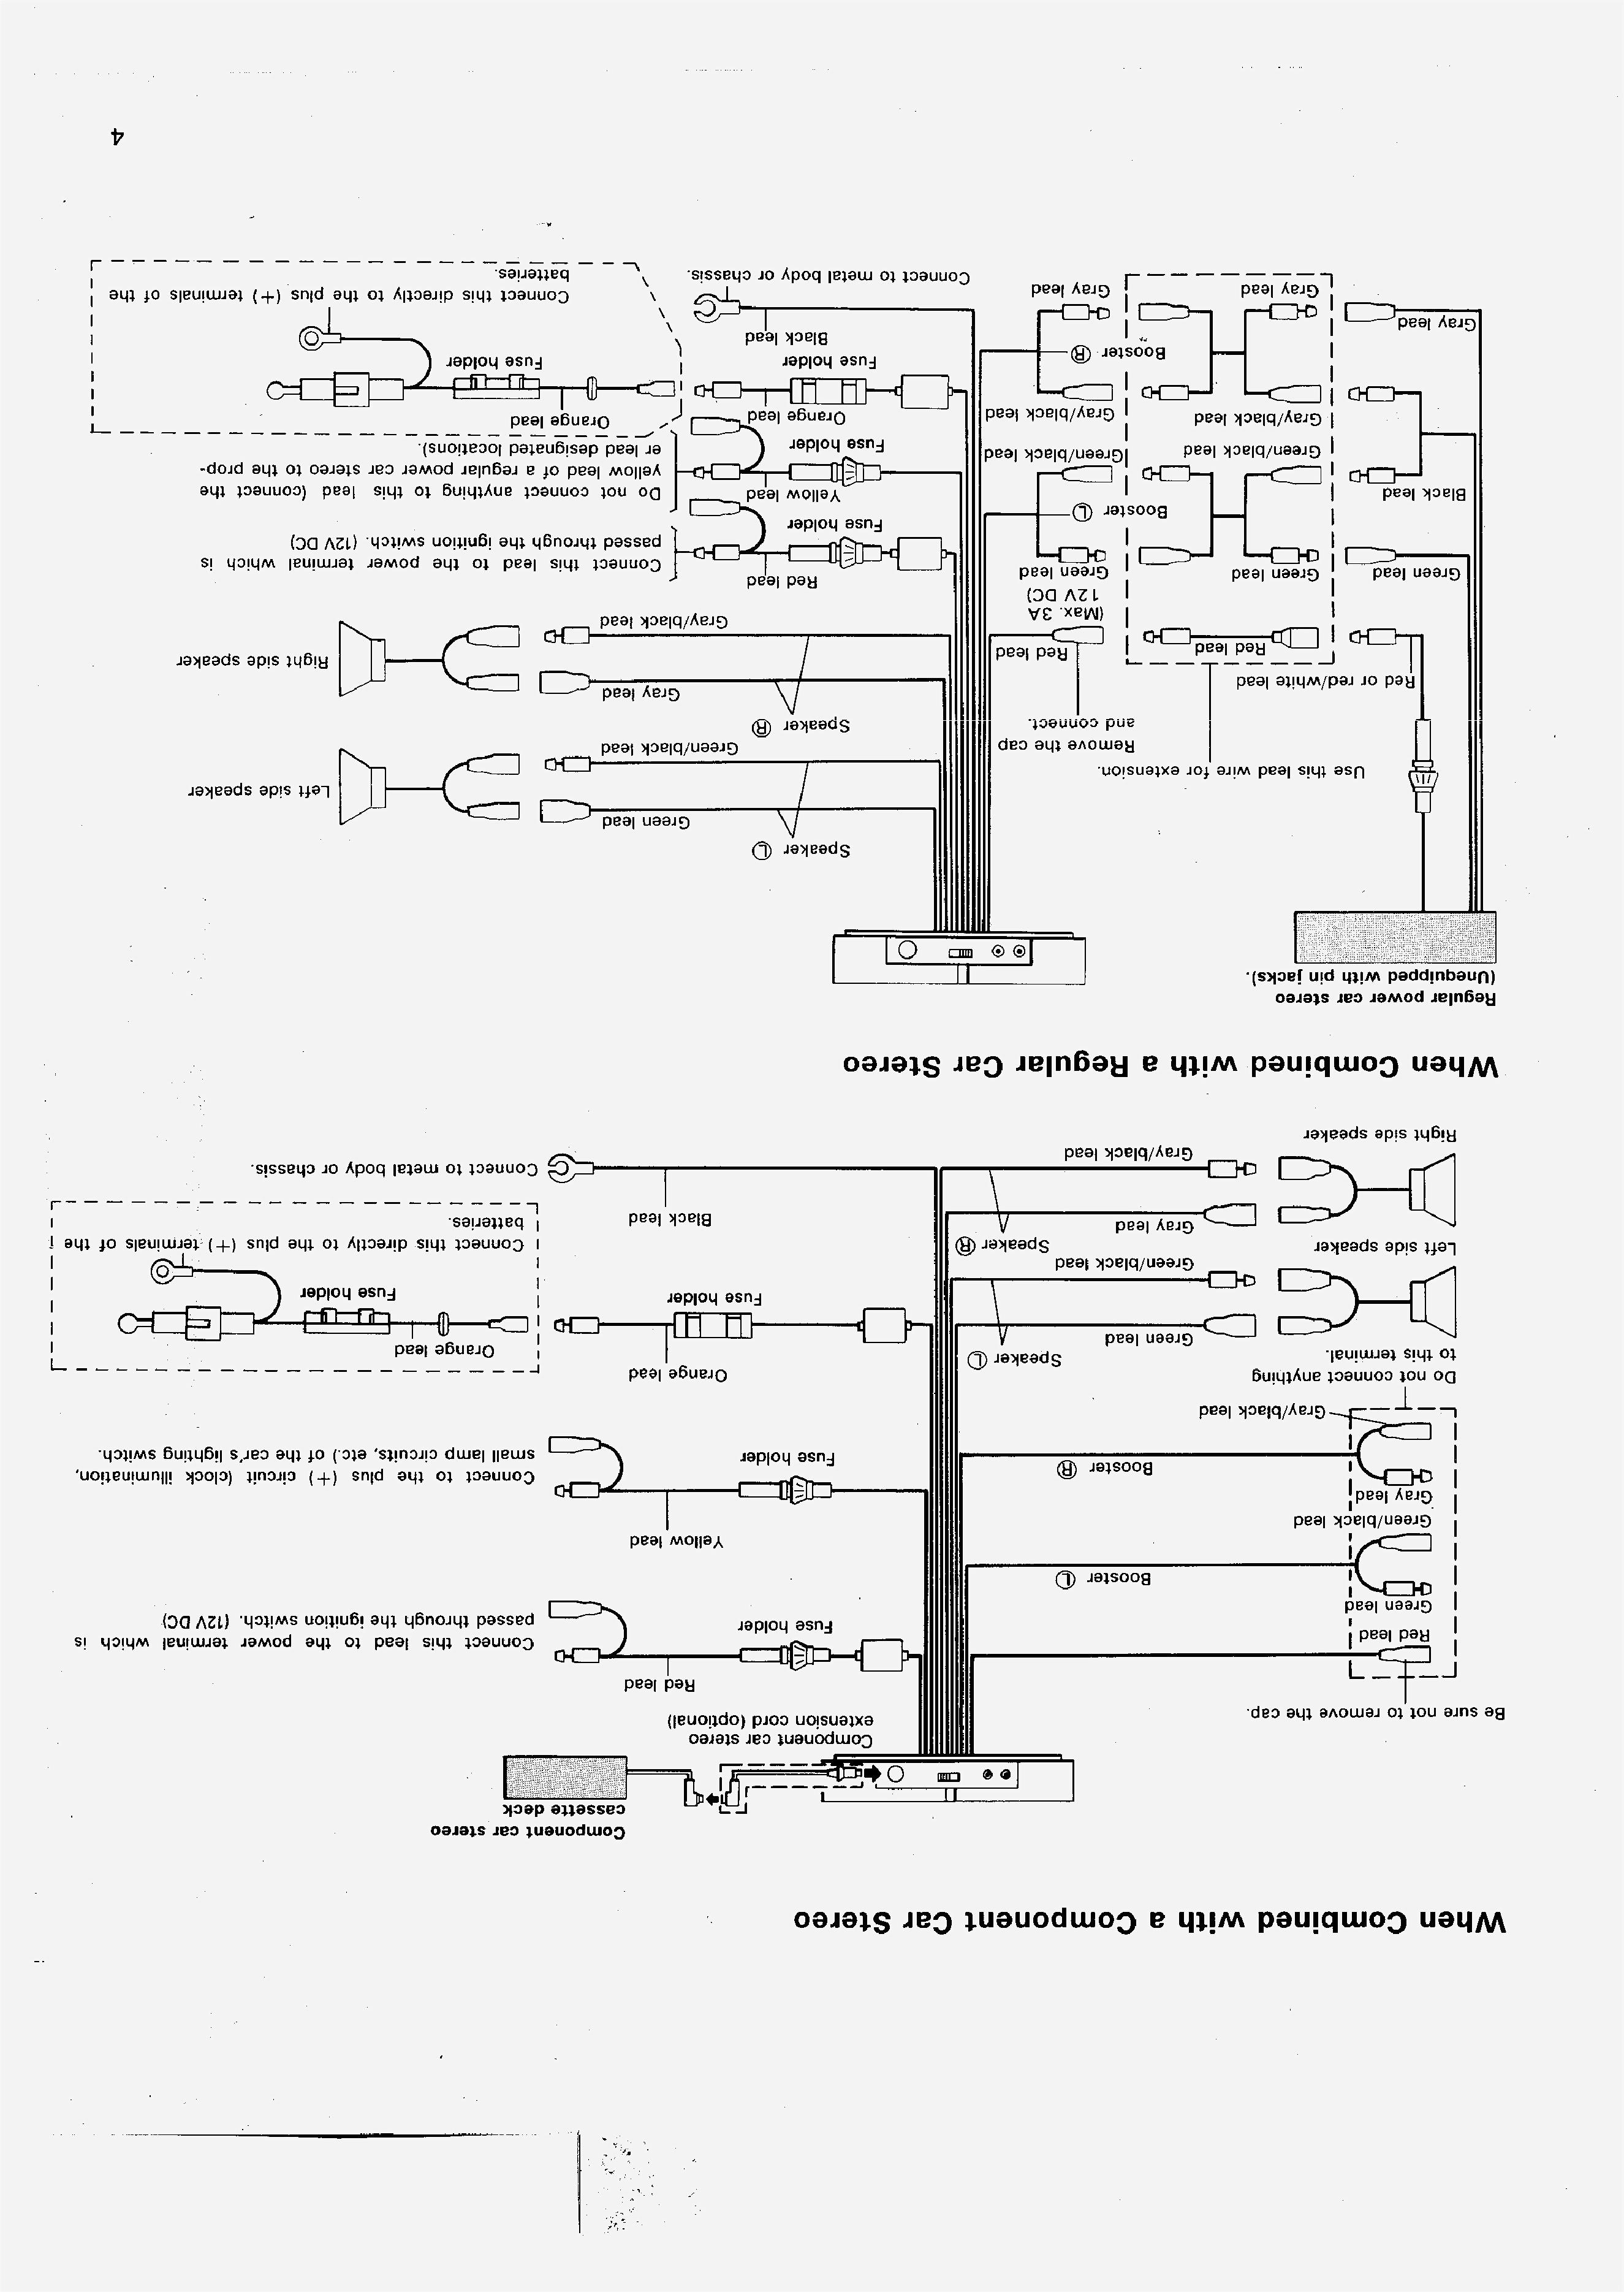 Pioneer Avh P4000Dvd Wiring Diagram   Wiring Diagram - Pioneer Avh P4000Dvd Wiring Diagram